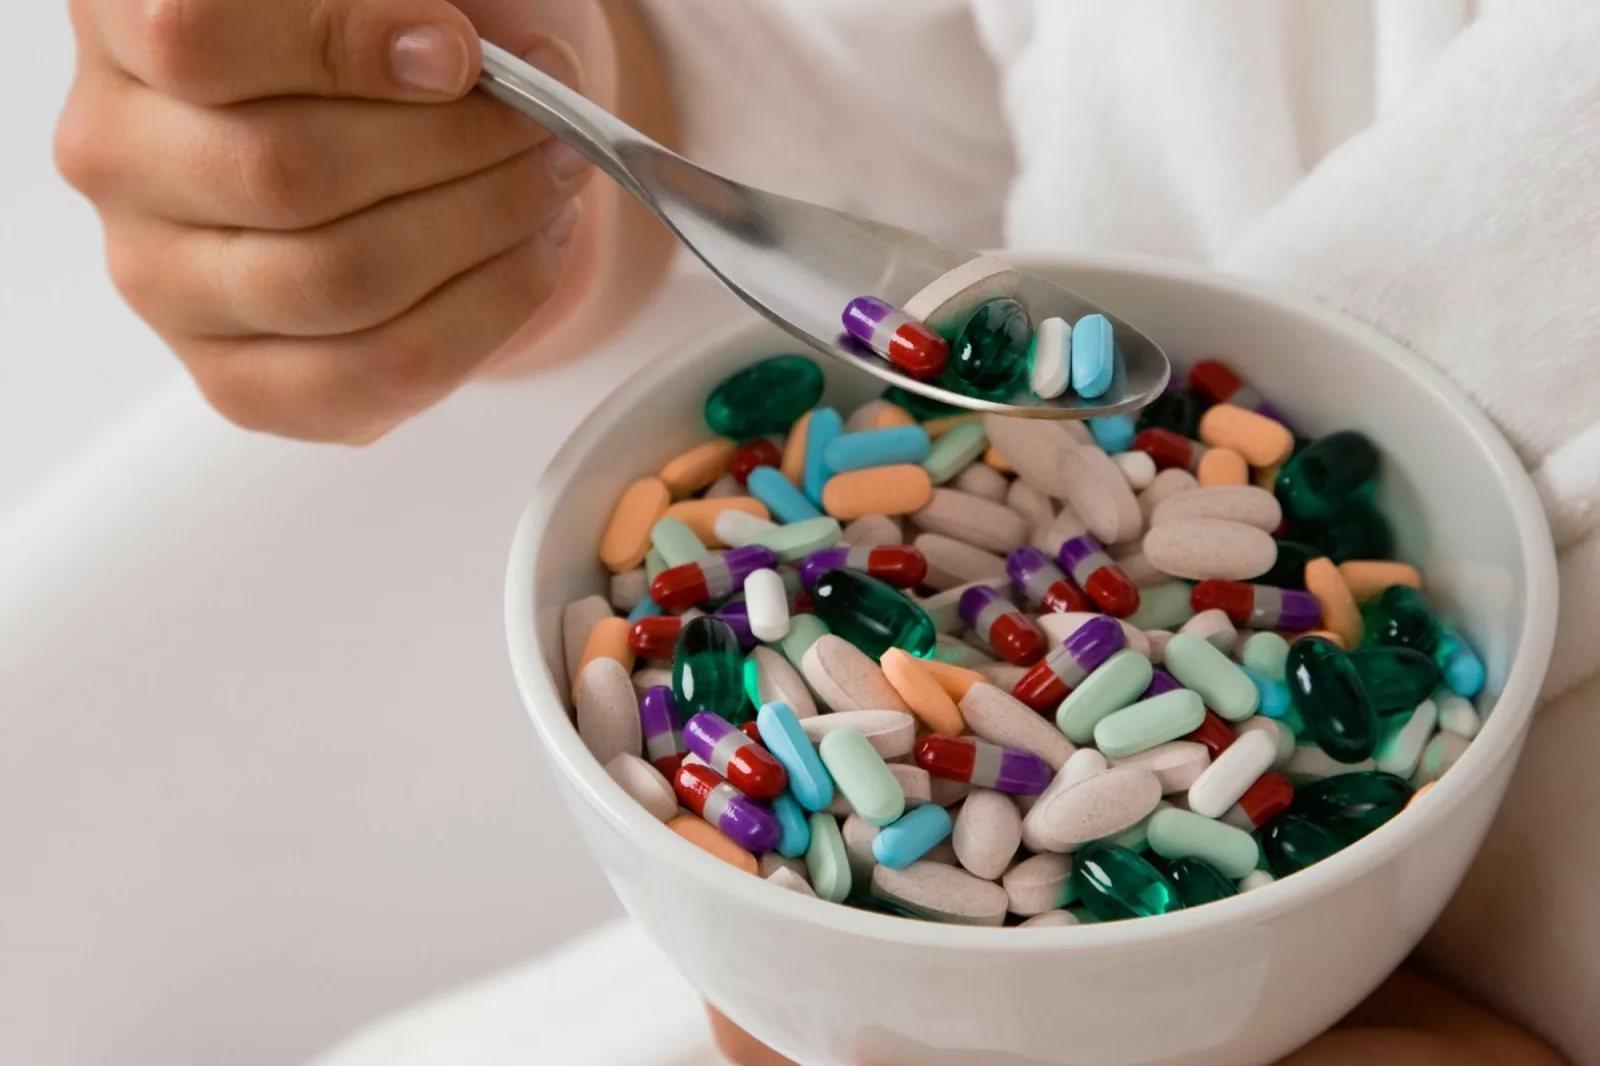 увеличить член какие лекарства